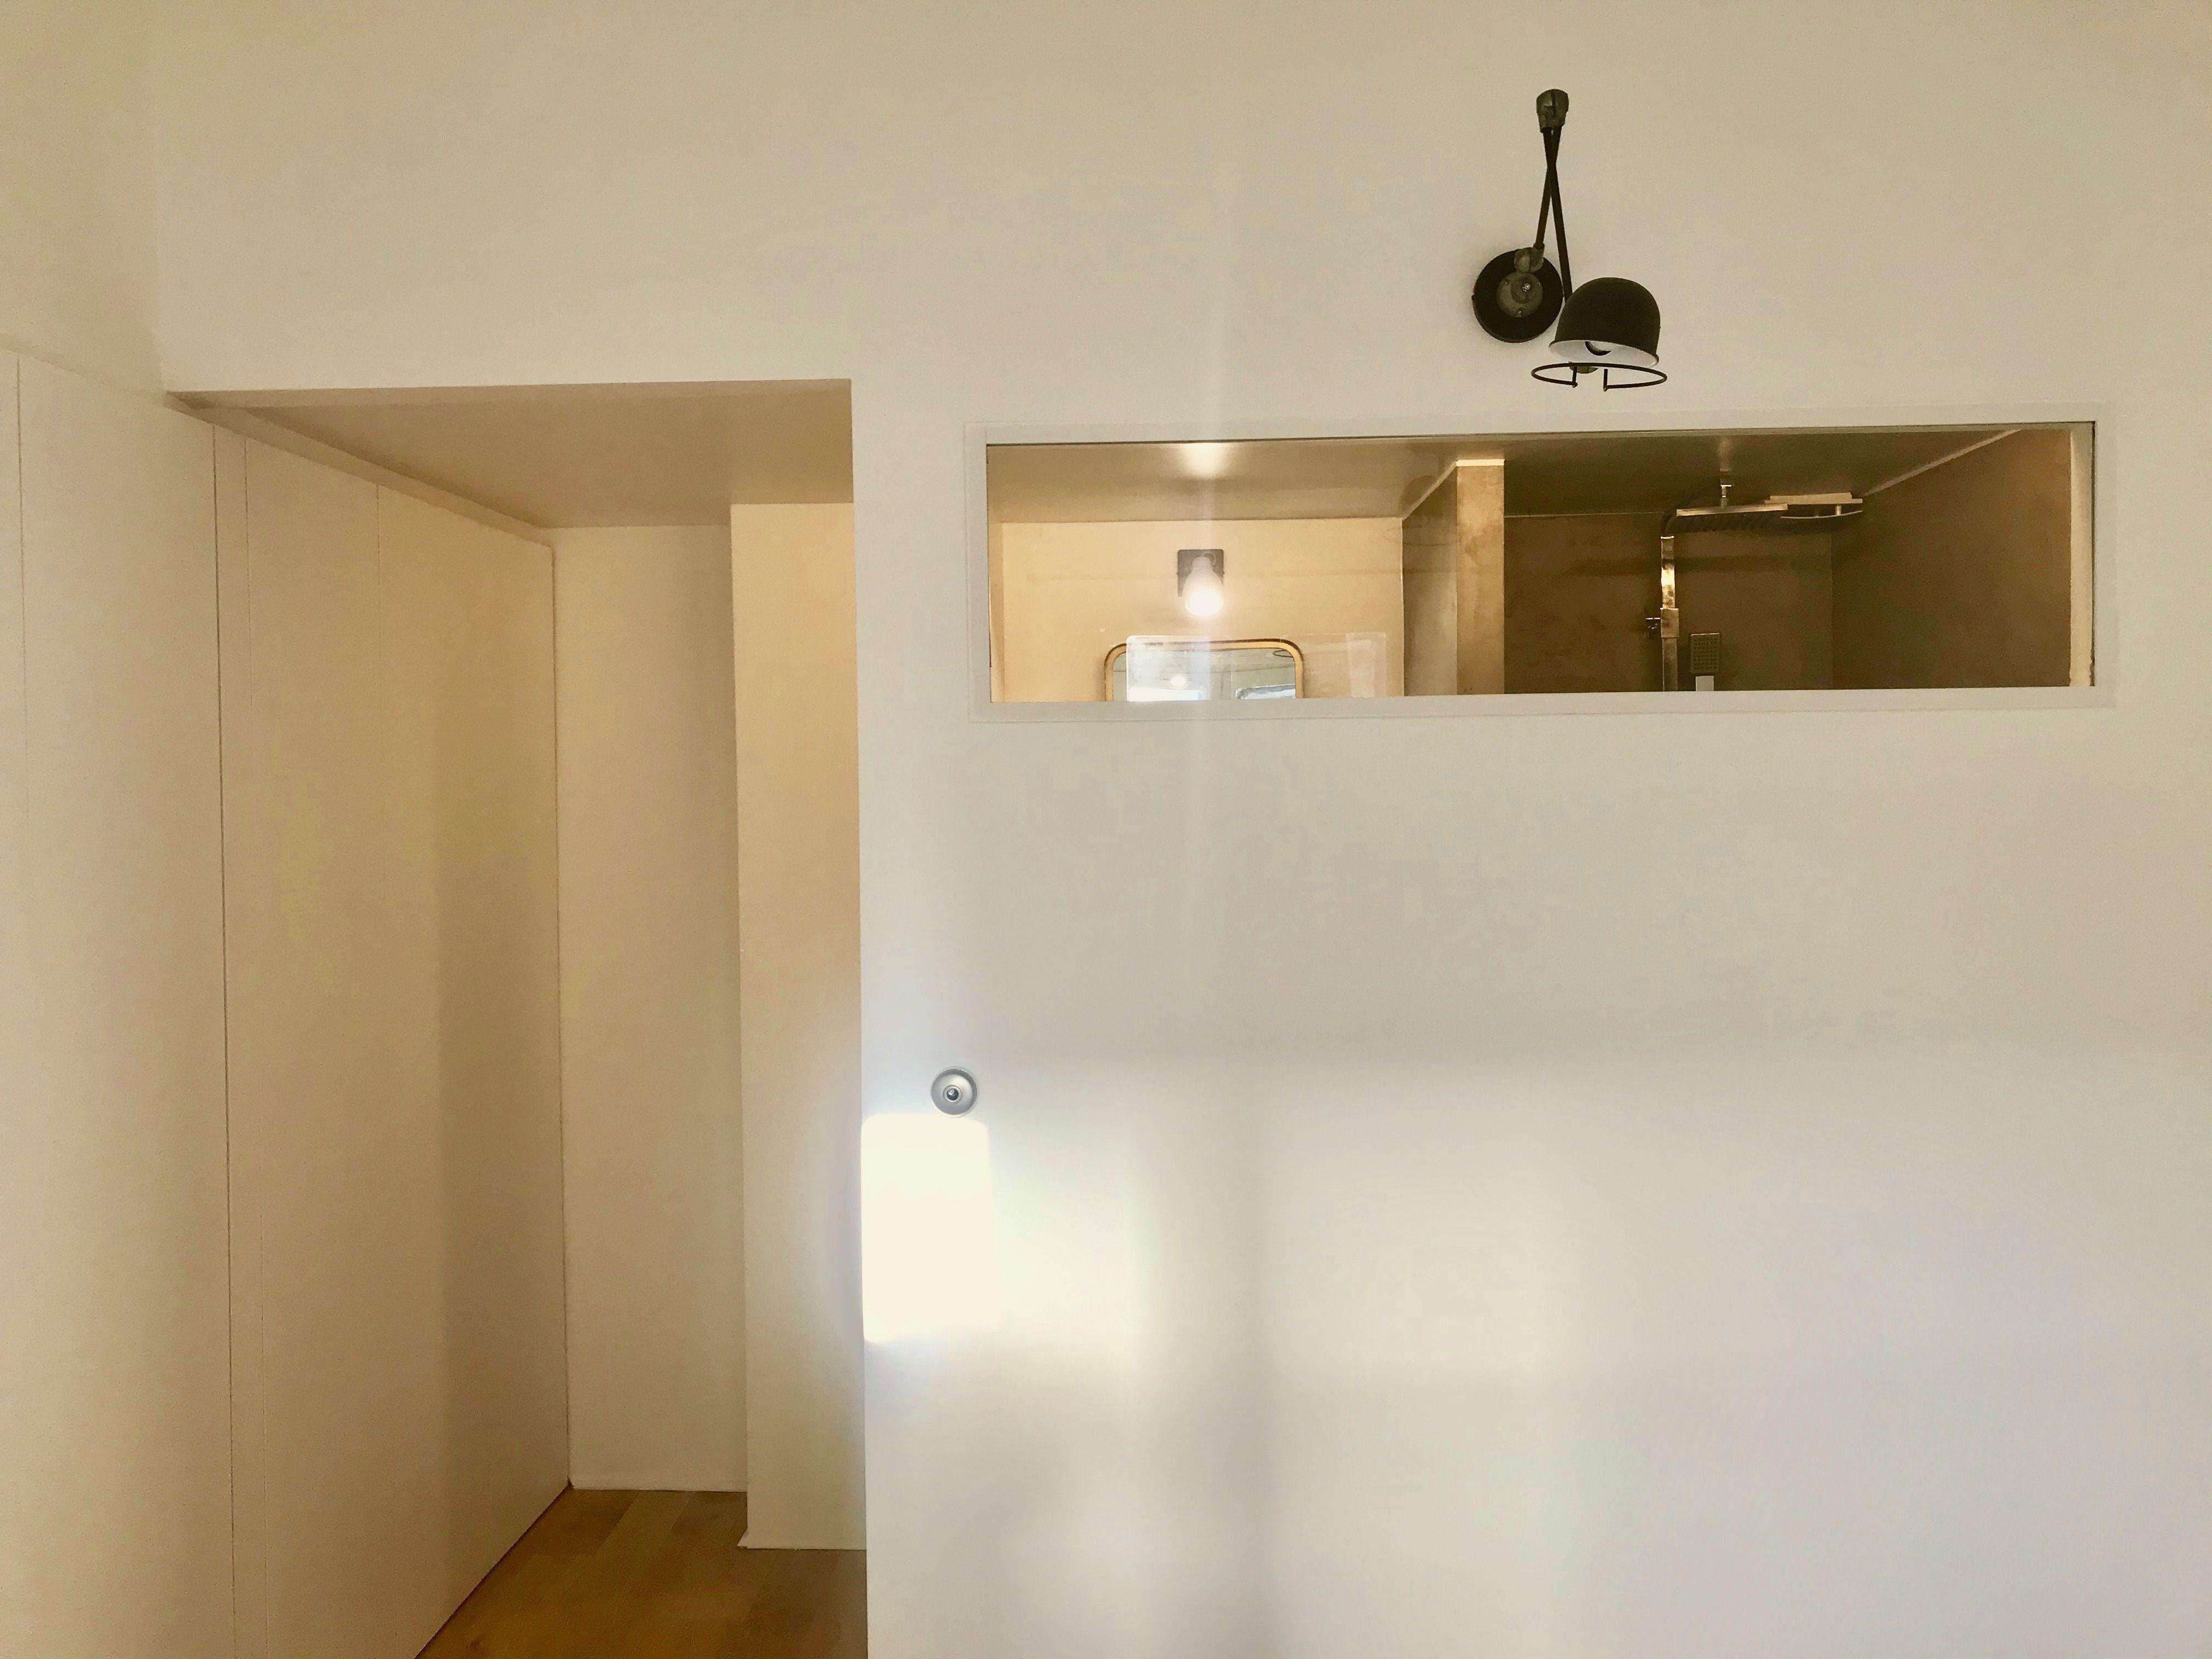 Salle De Bain Borgne pour une lumière naturelle dans la salle de bain borgne, la